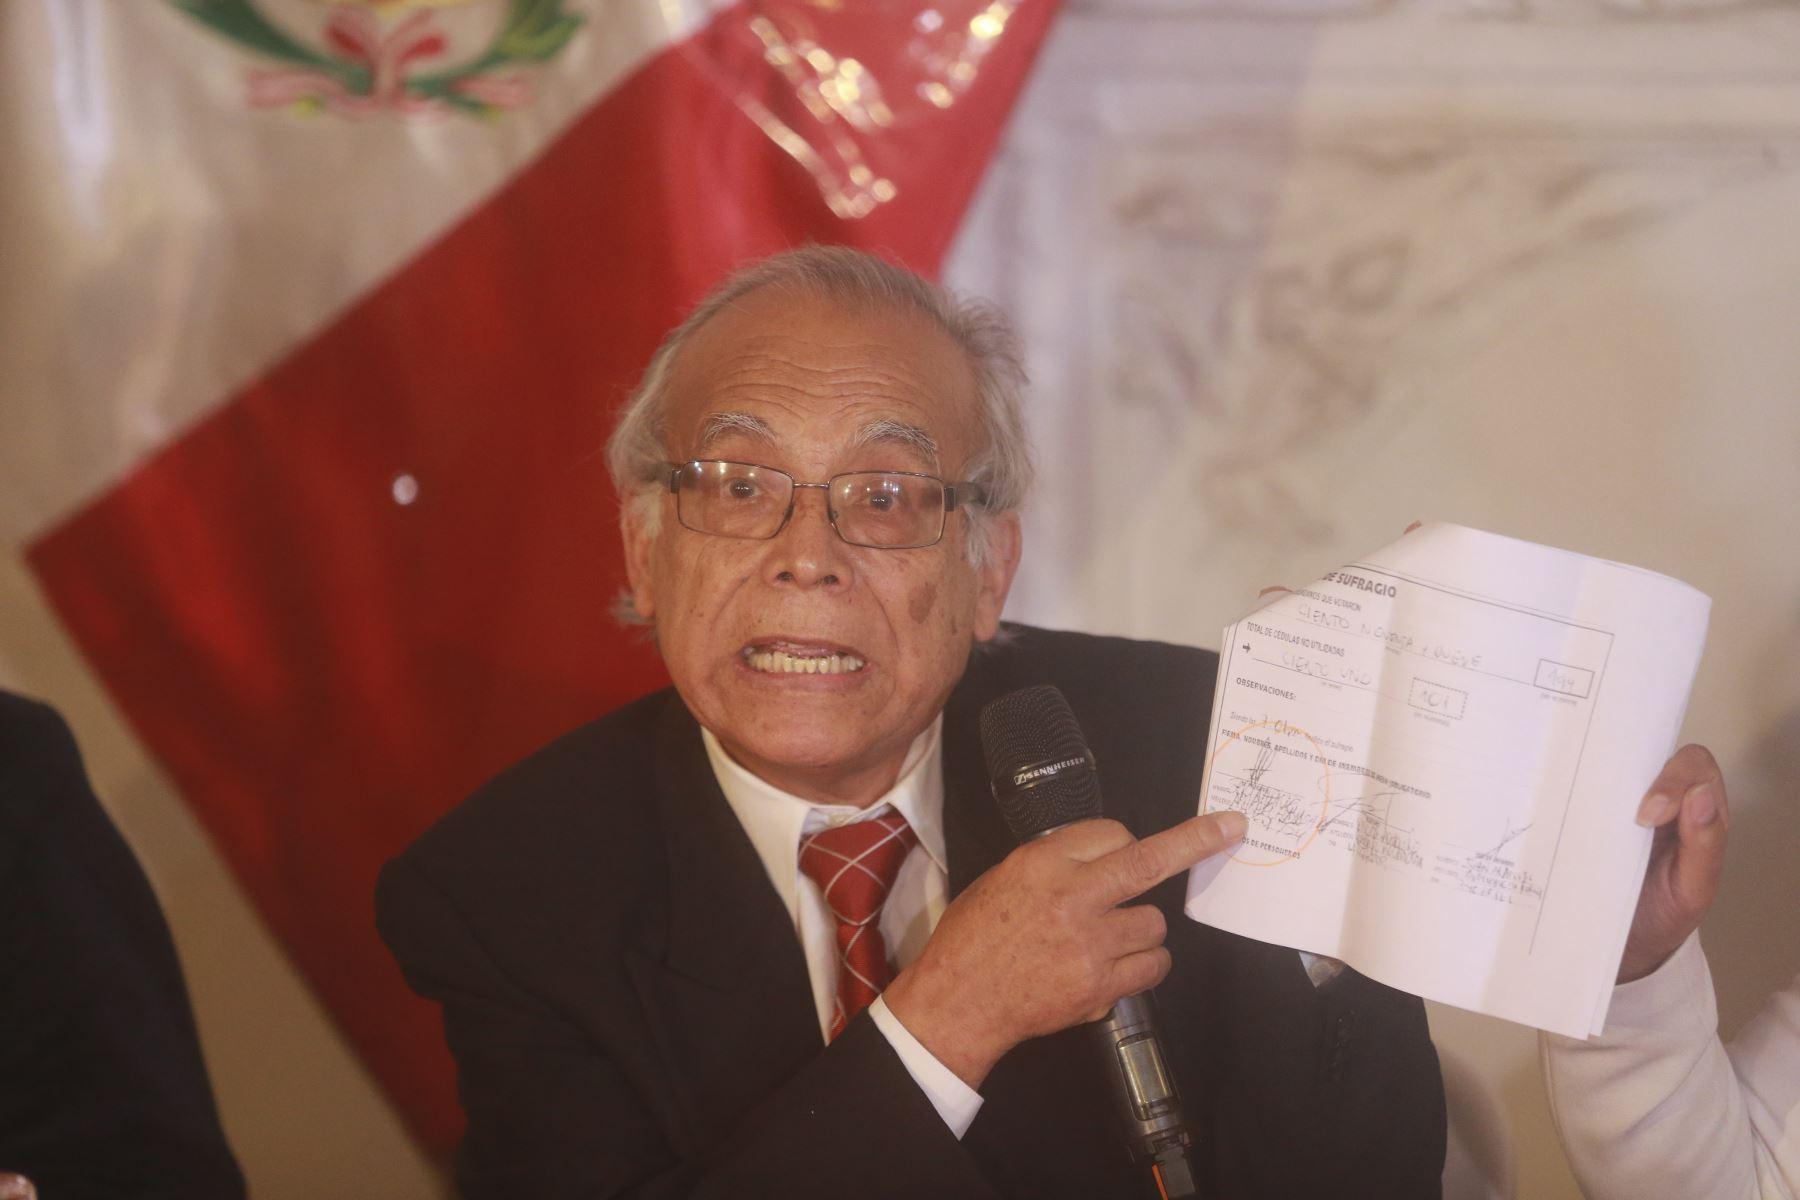 Aníbal Torres en conferencia de prensa. Foto: ANDINA/Jhony Laurente